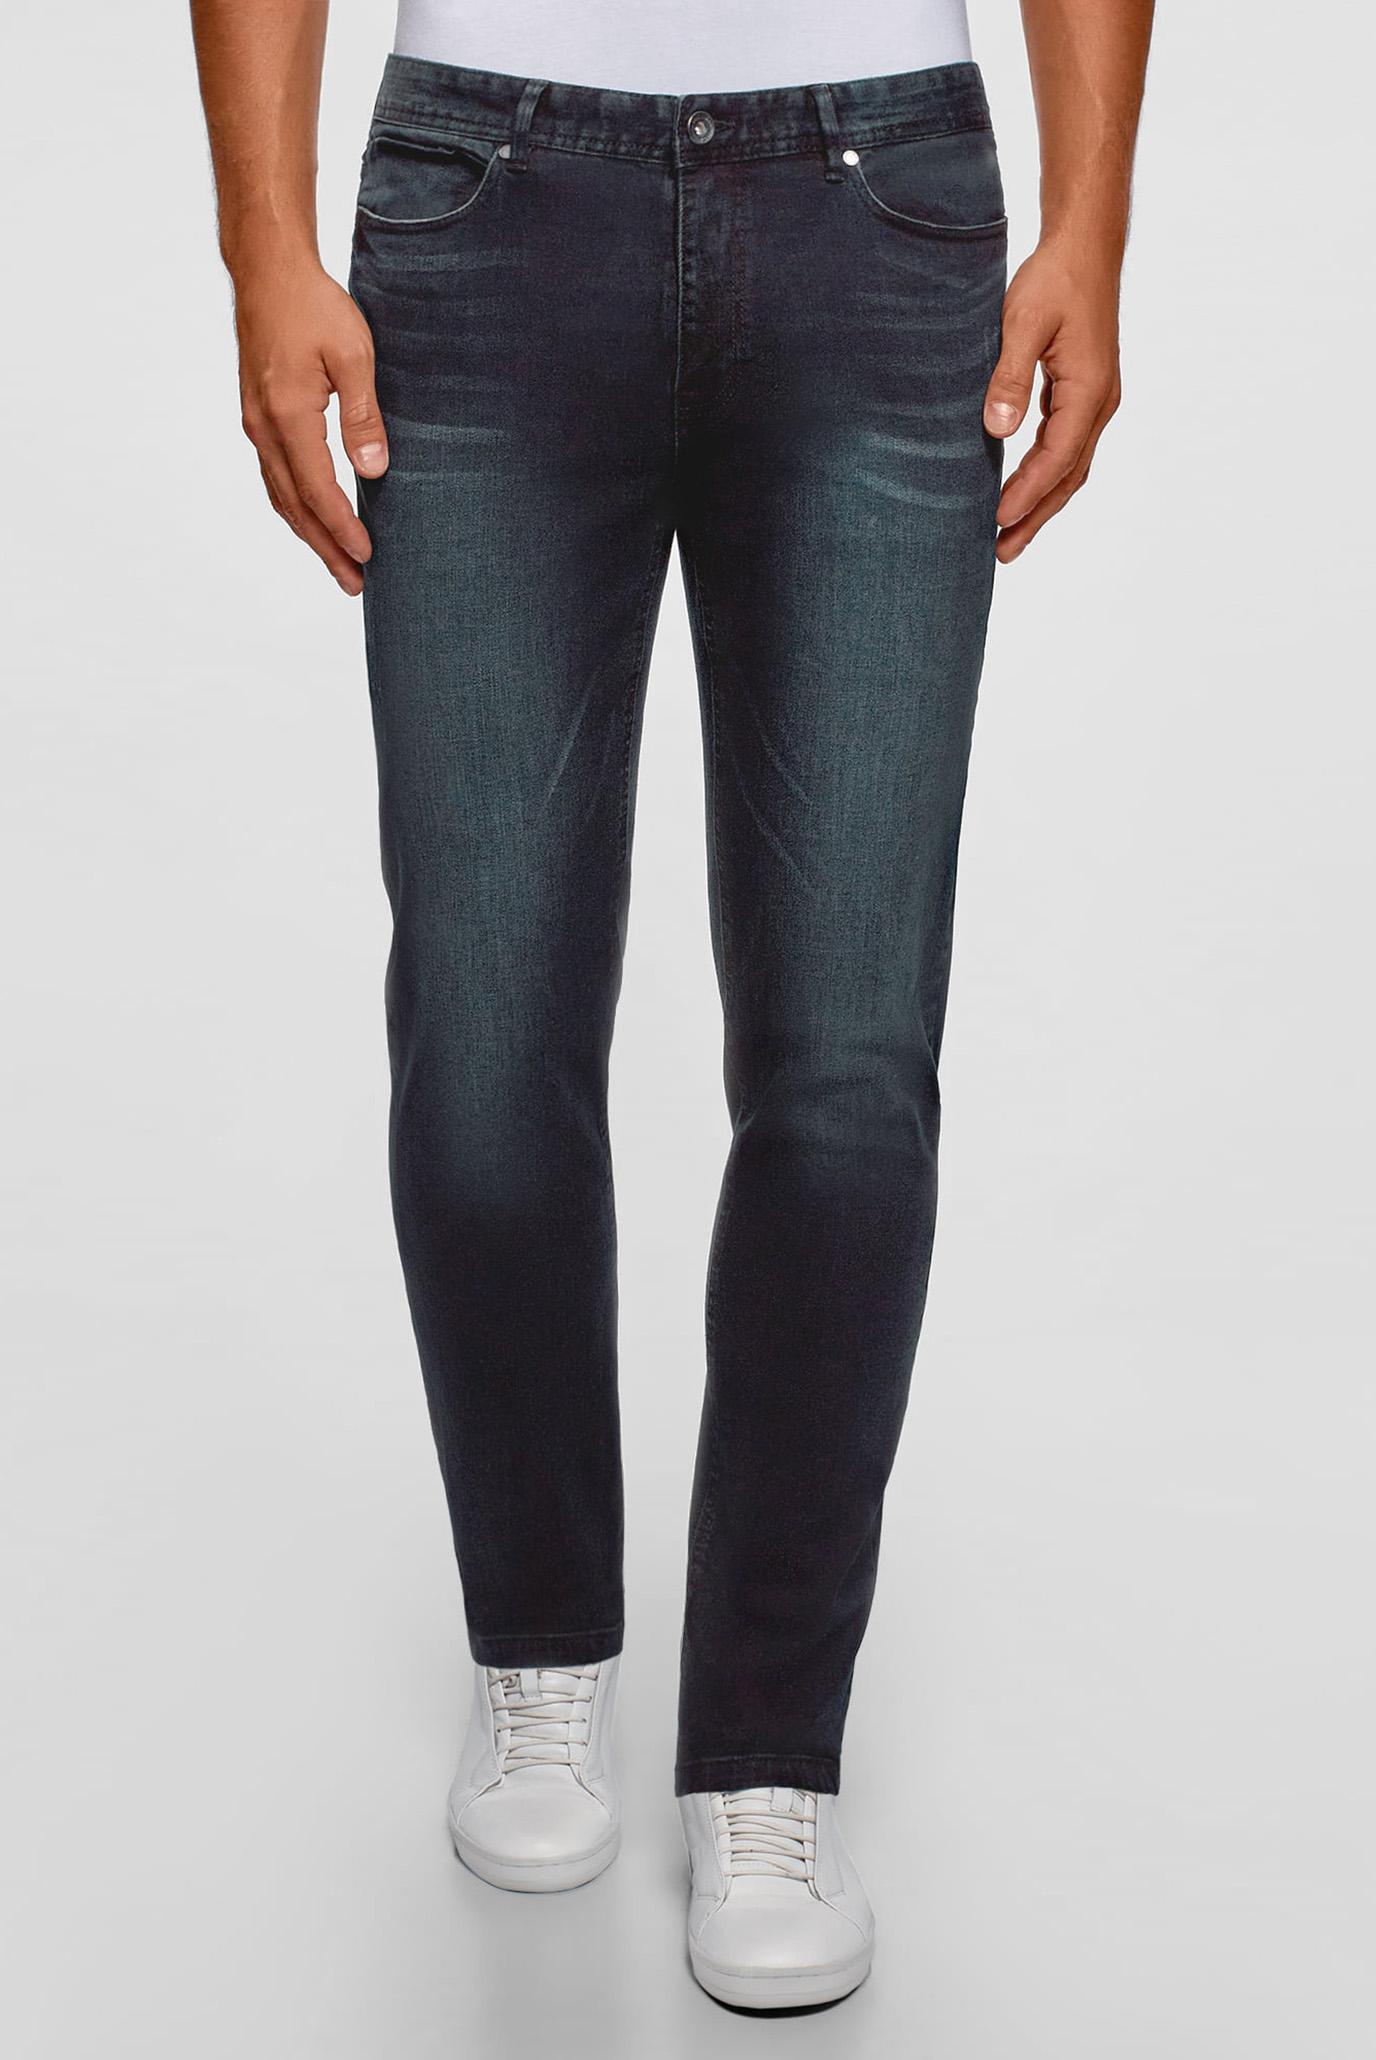 Купить Мужские темно-синие джинсы Oodji Oodji 6L120134M/46627/7800W – Киев, Украина. Цены в интернет магазине MD Fashion